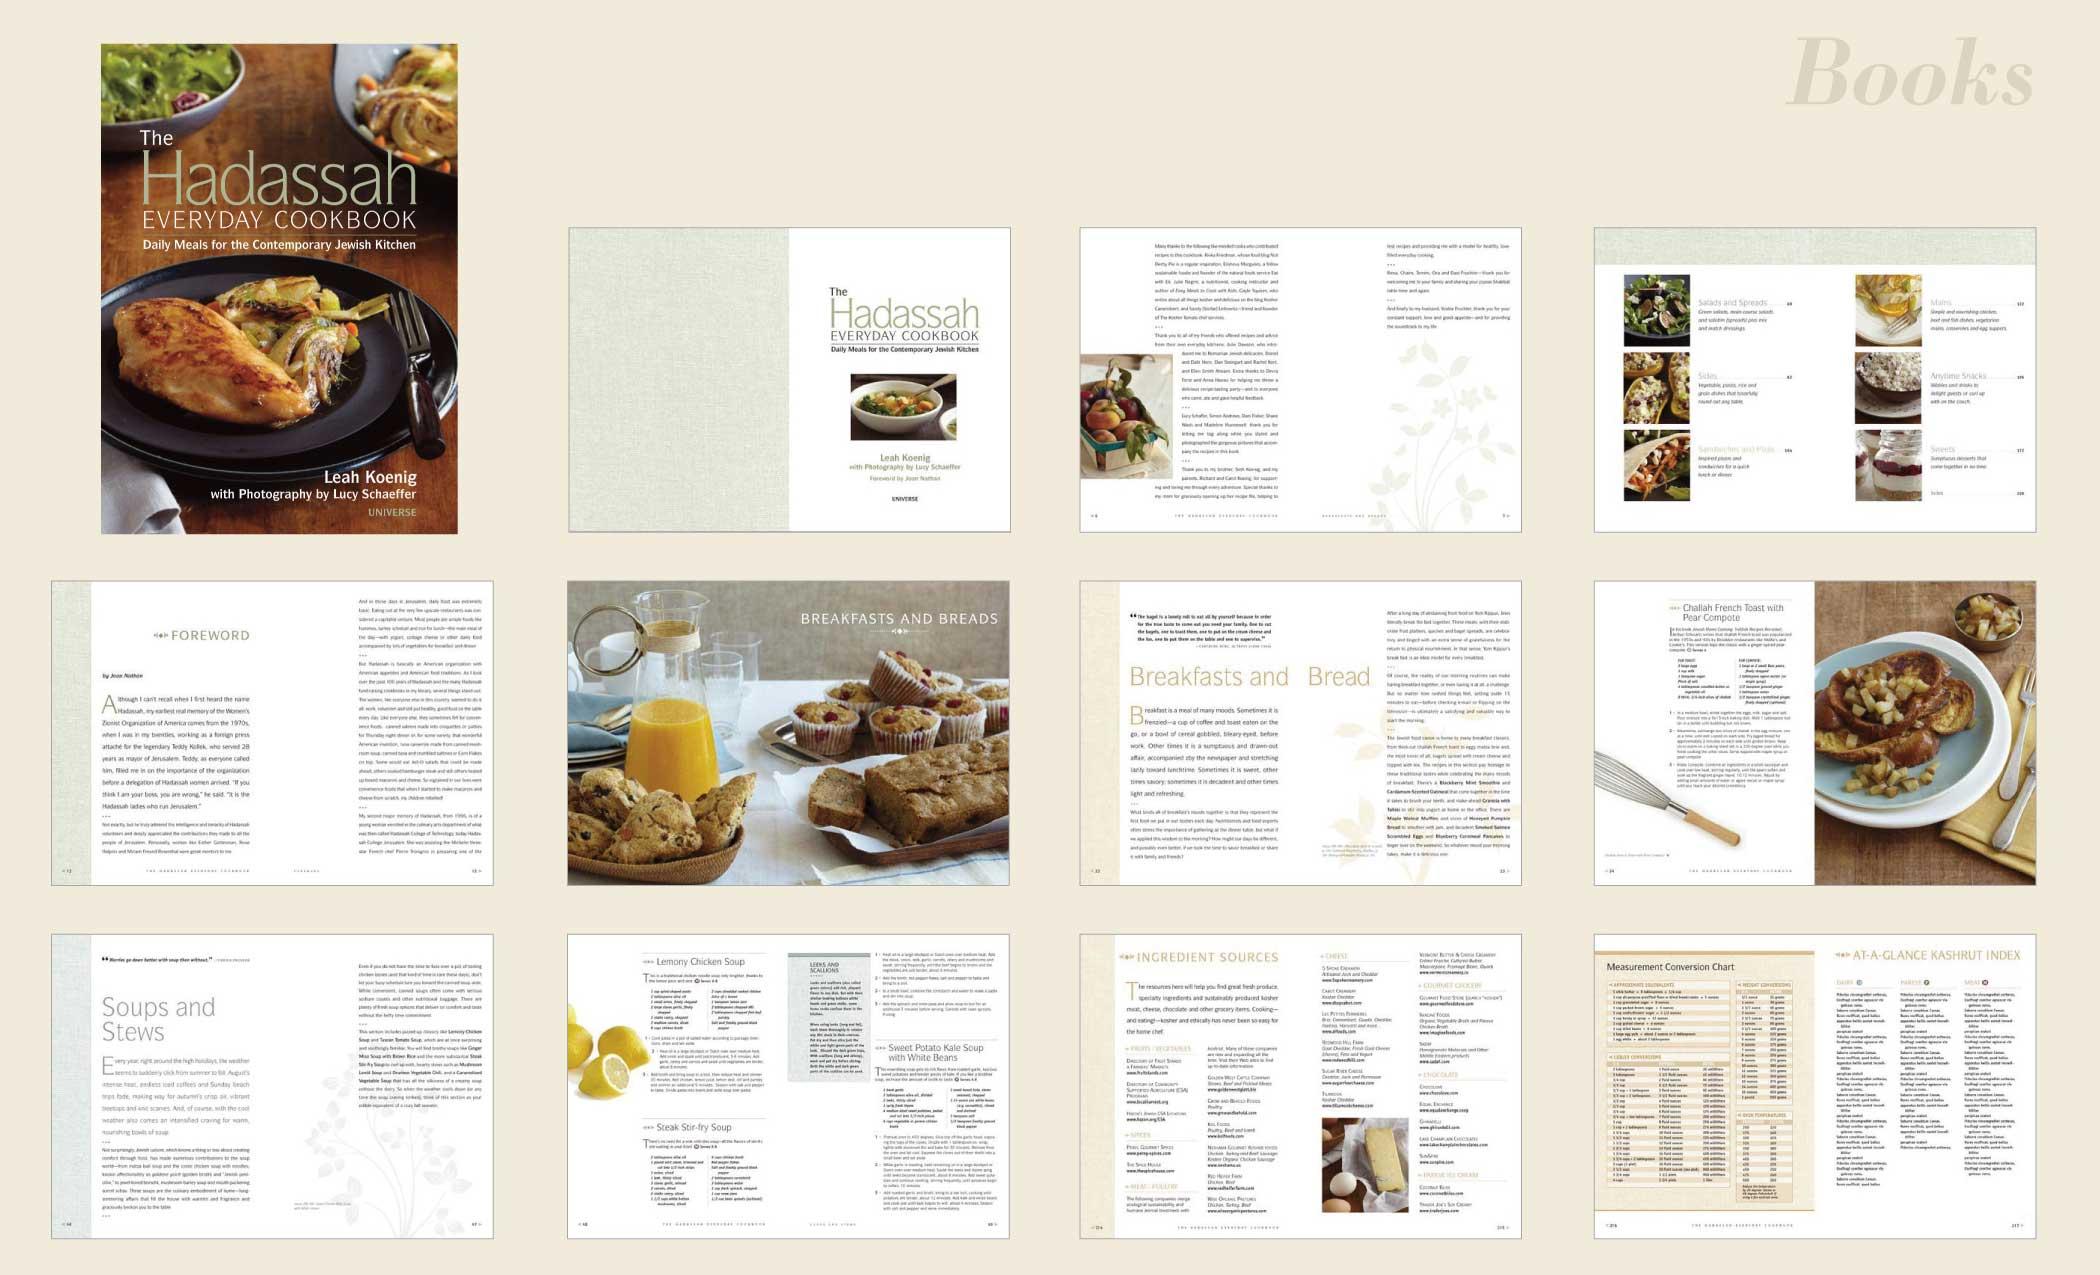 Book Interior Design | Lori S Malkin Design